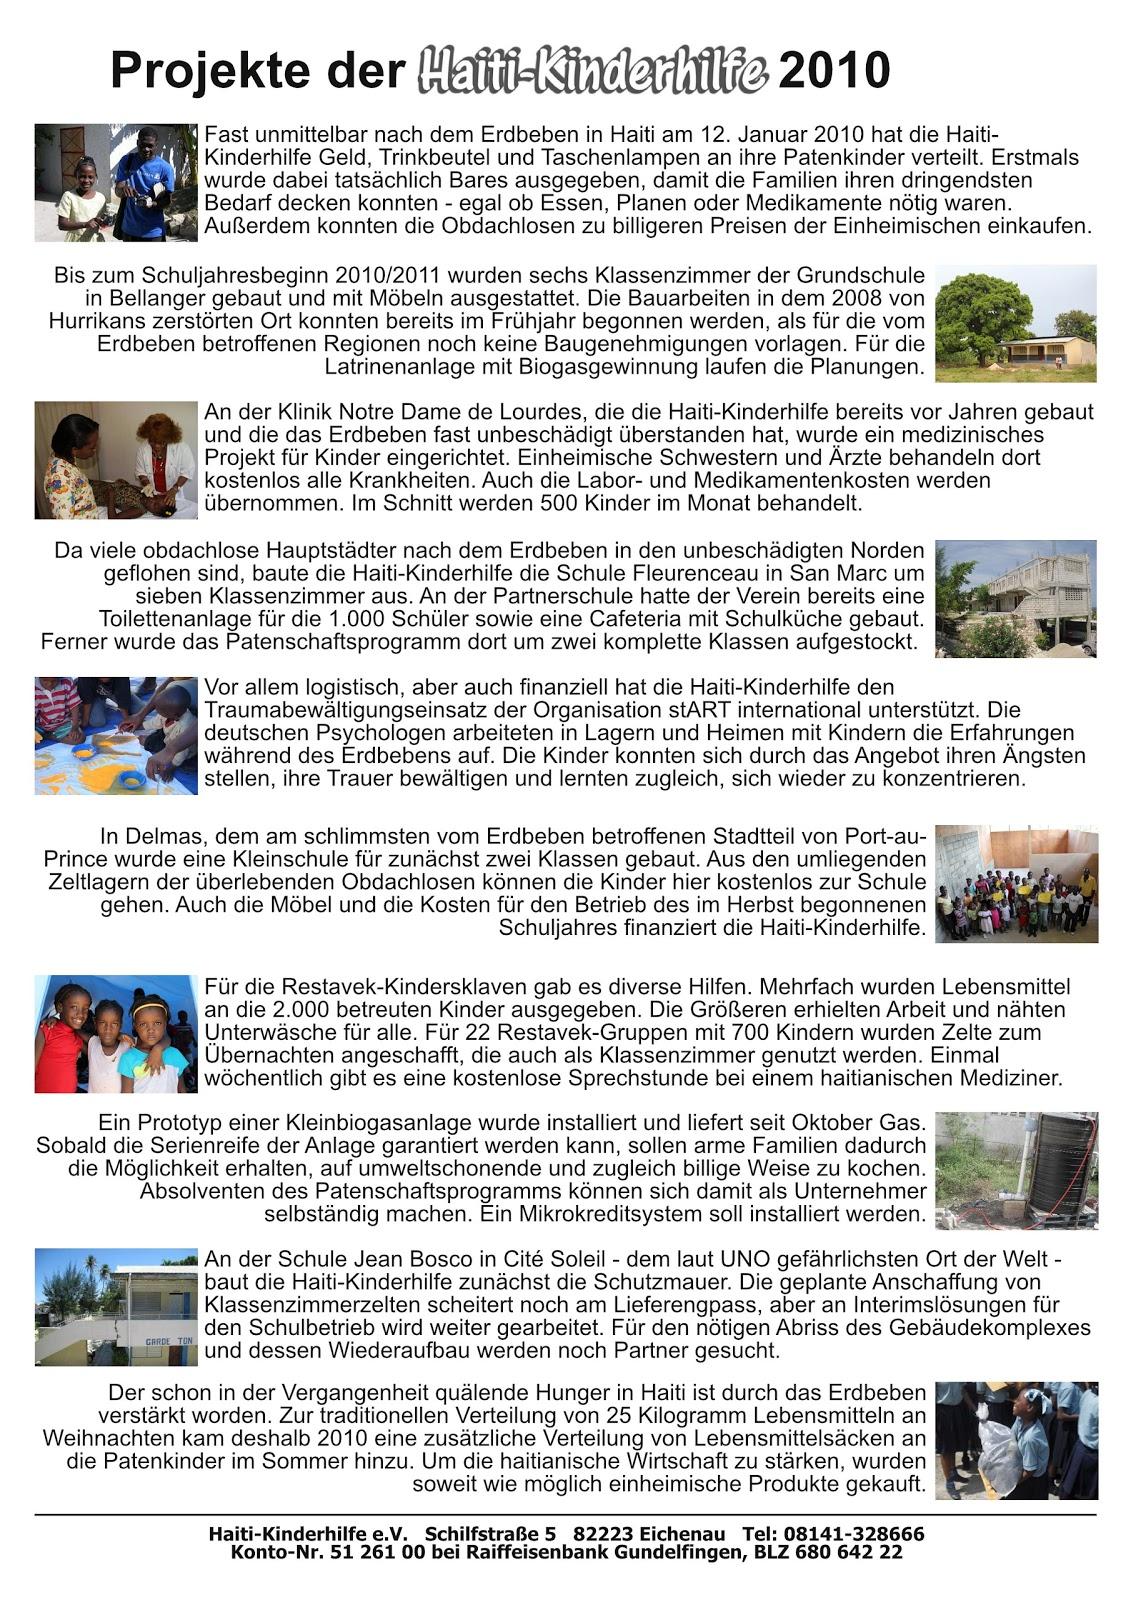 Haiti-Kinderhilfe e.V.: jahresrückblick 2010